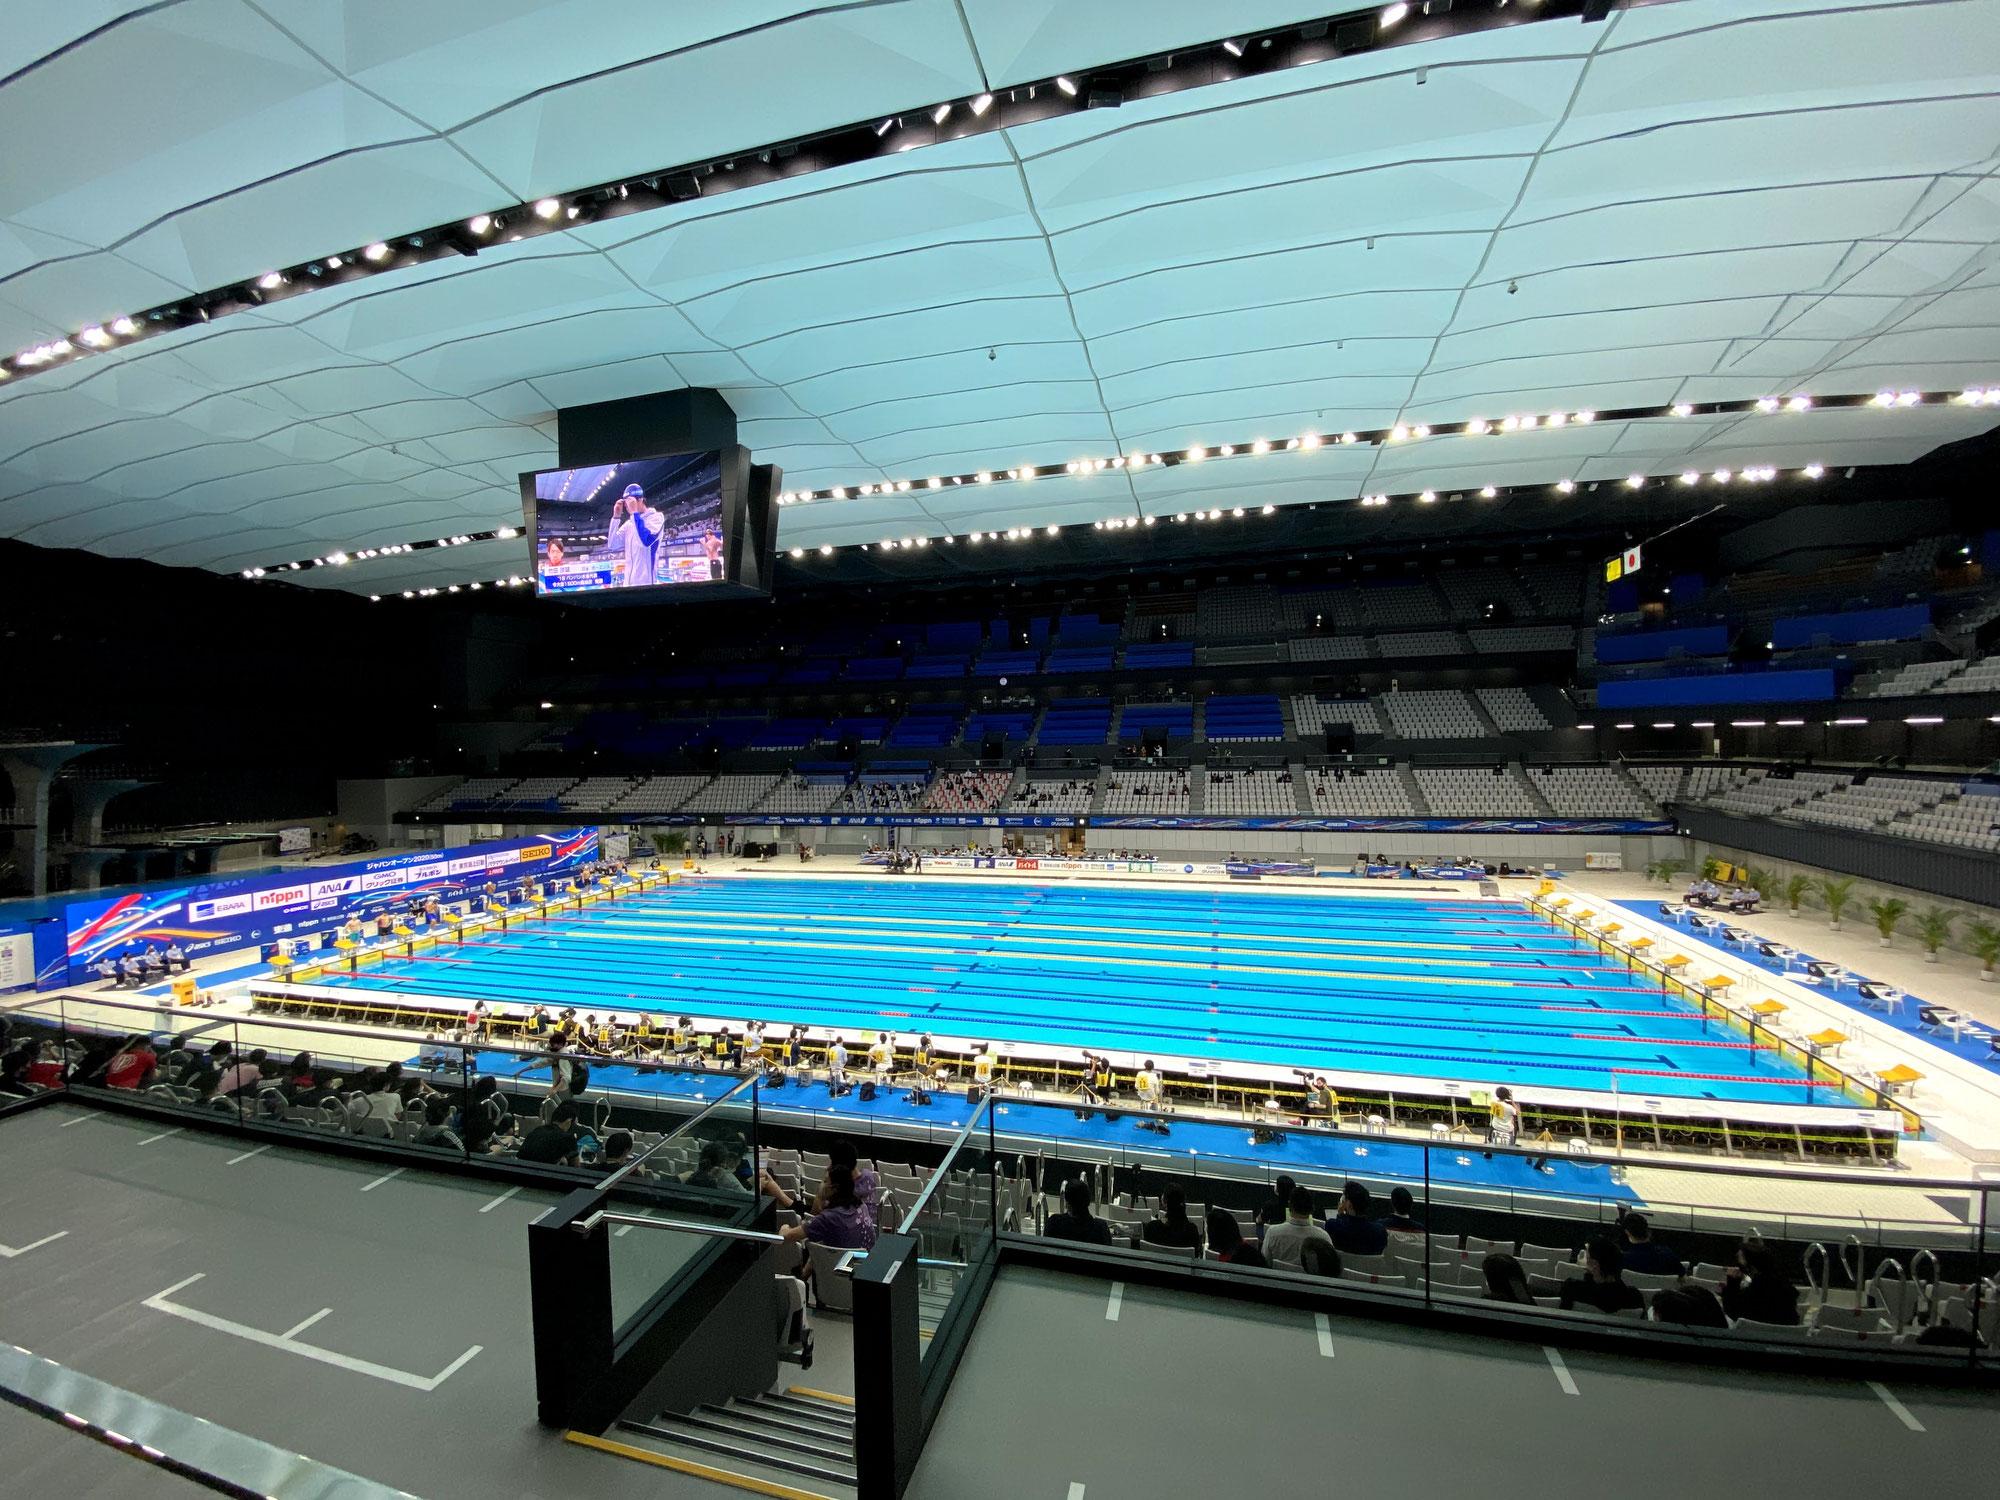 競泳【JapanOpen2020】トレーナー